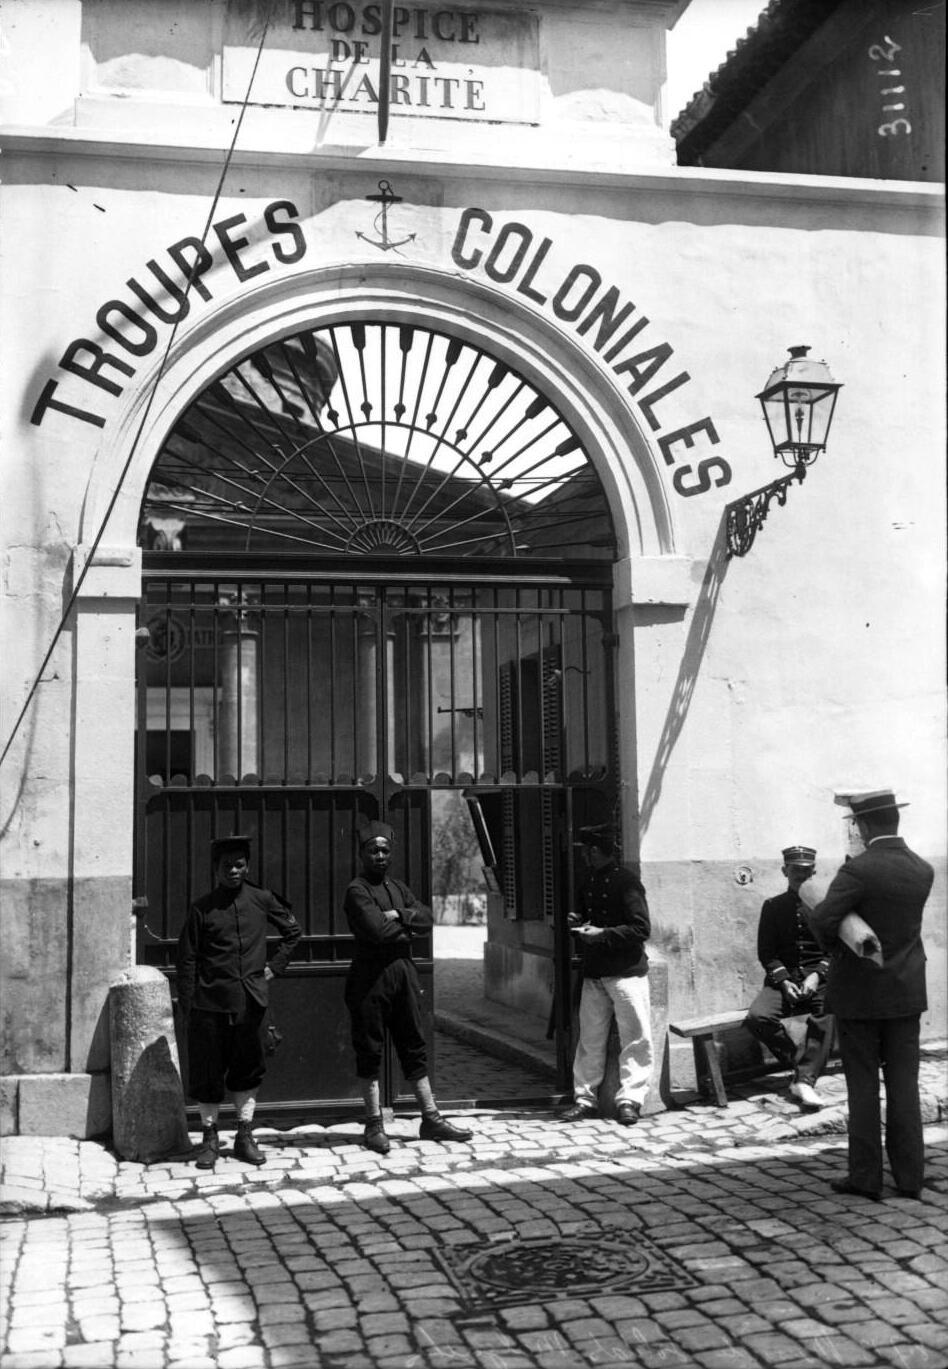 Des soldats malgaches à l'entrée de la Vieille Charité, bastion des troupes coloniales en 1913 #Marseille http://t.co/J1GuEYEPqJ